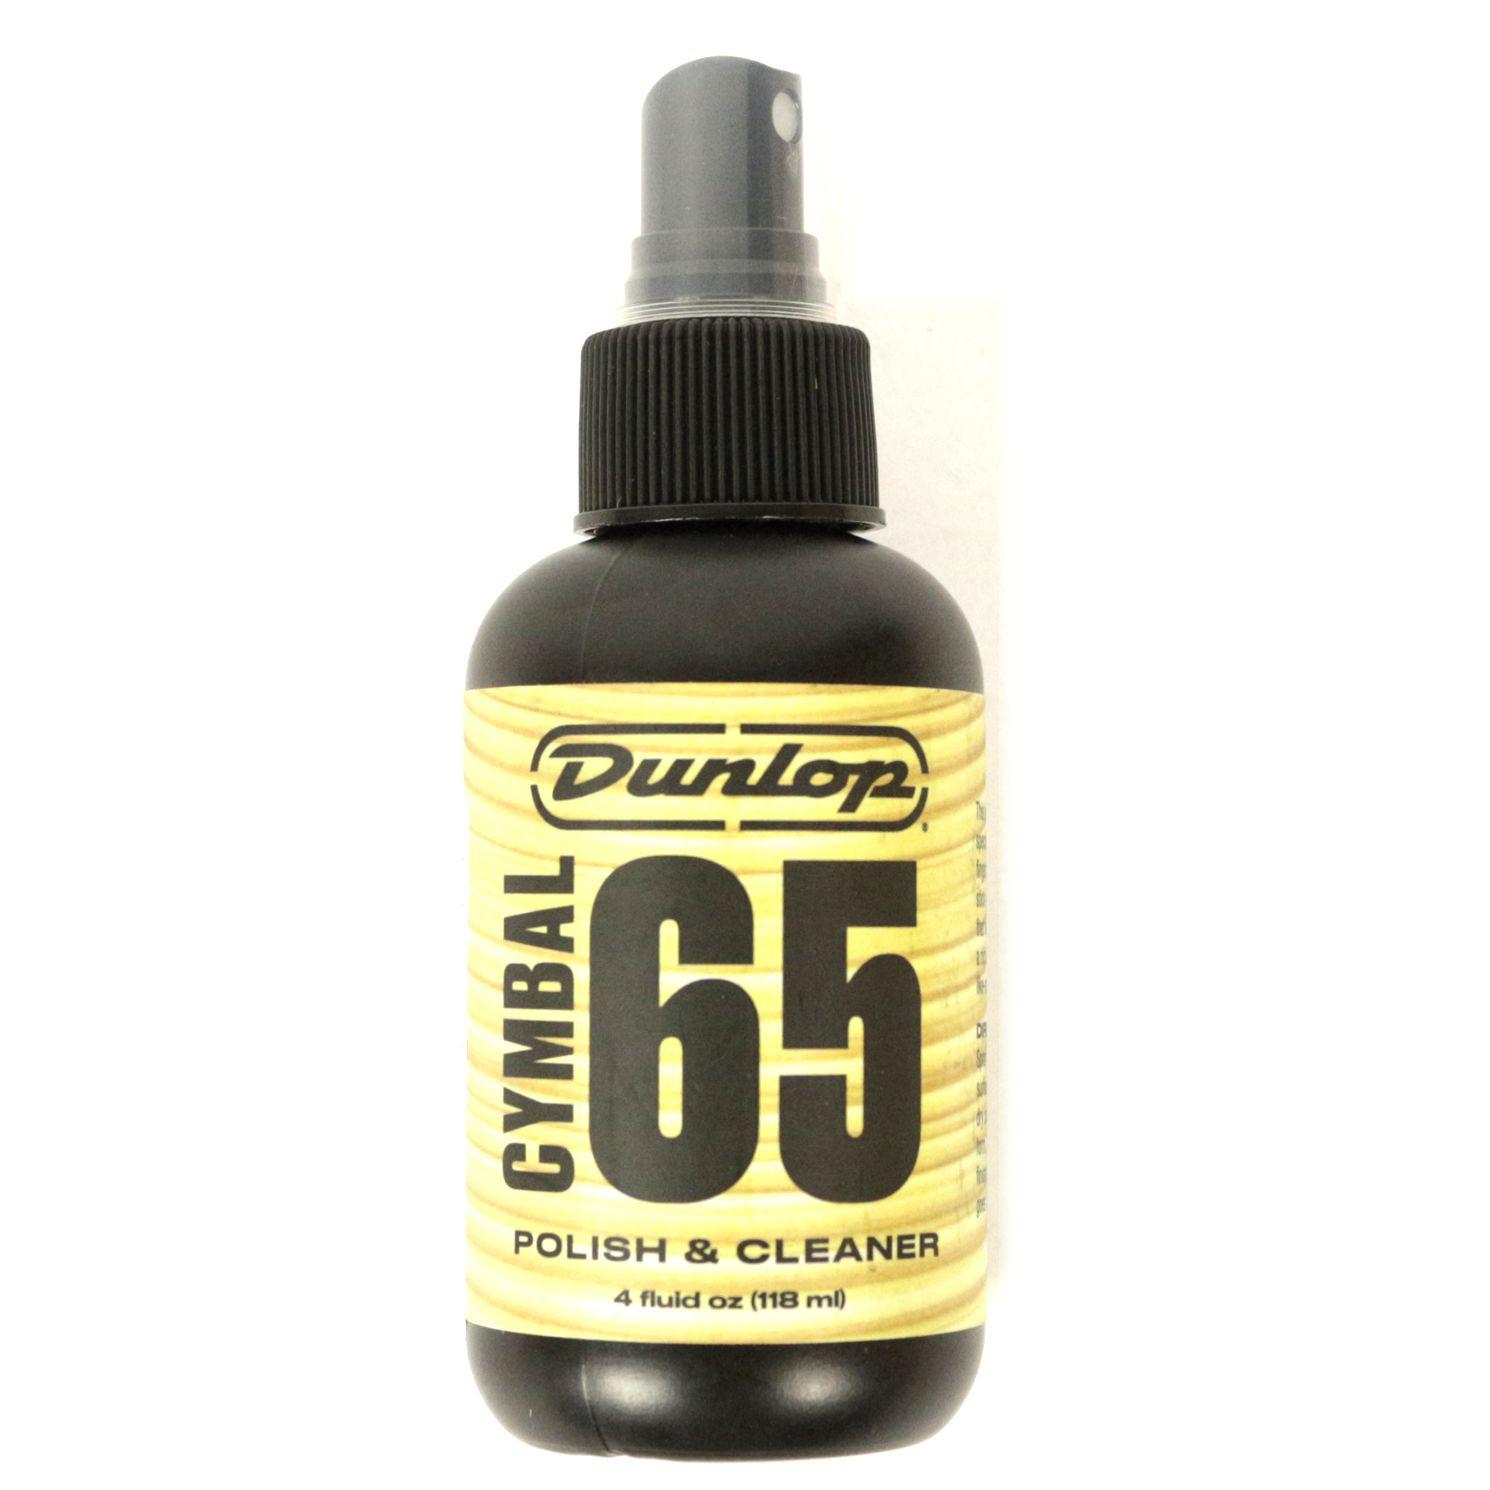 óleo Limpador e Polidor para Pratos de Bateria Dunlop CYMBAL 65